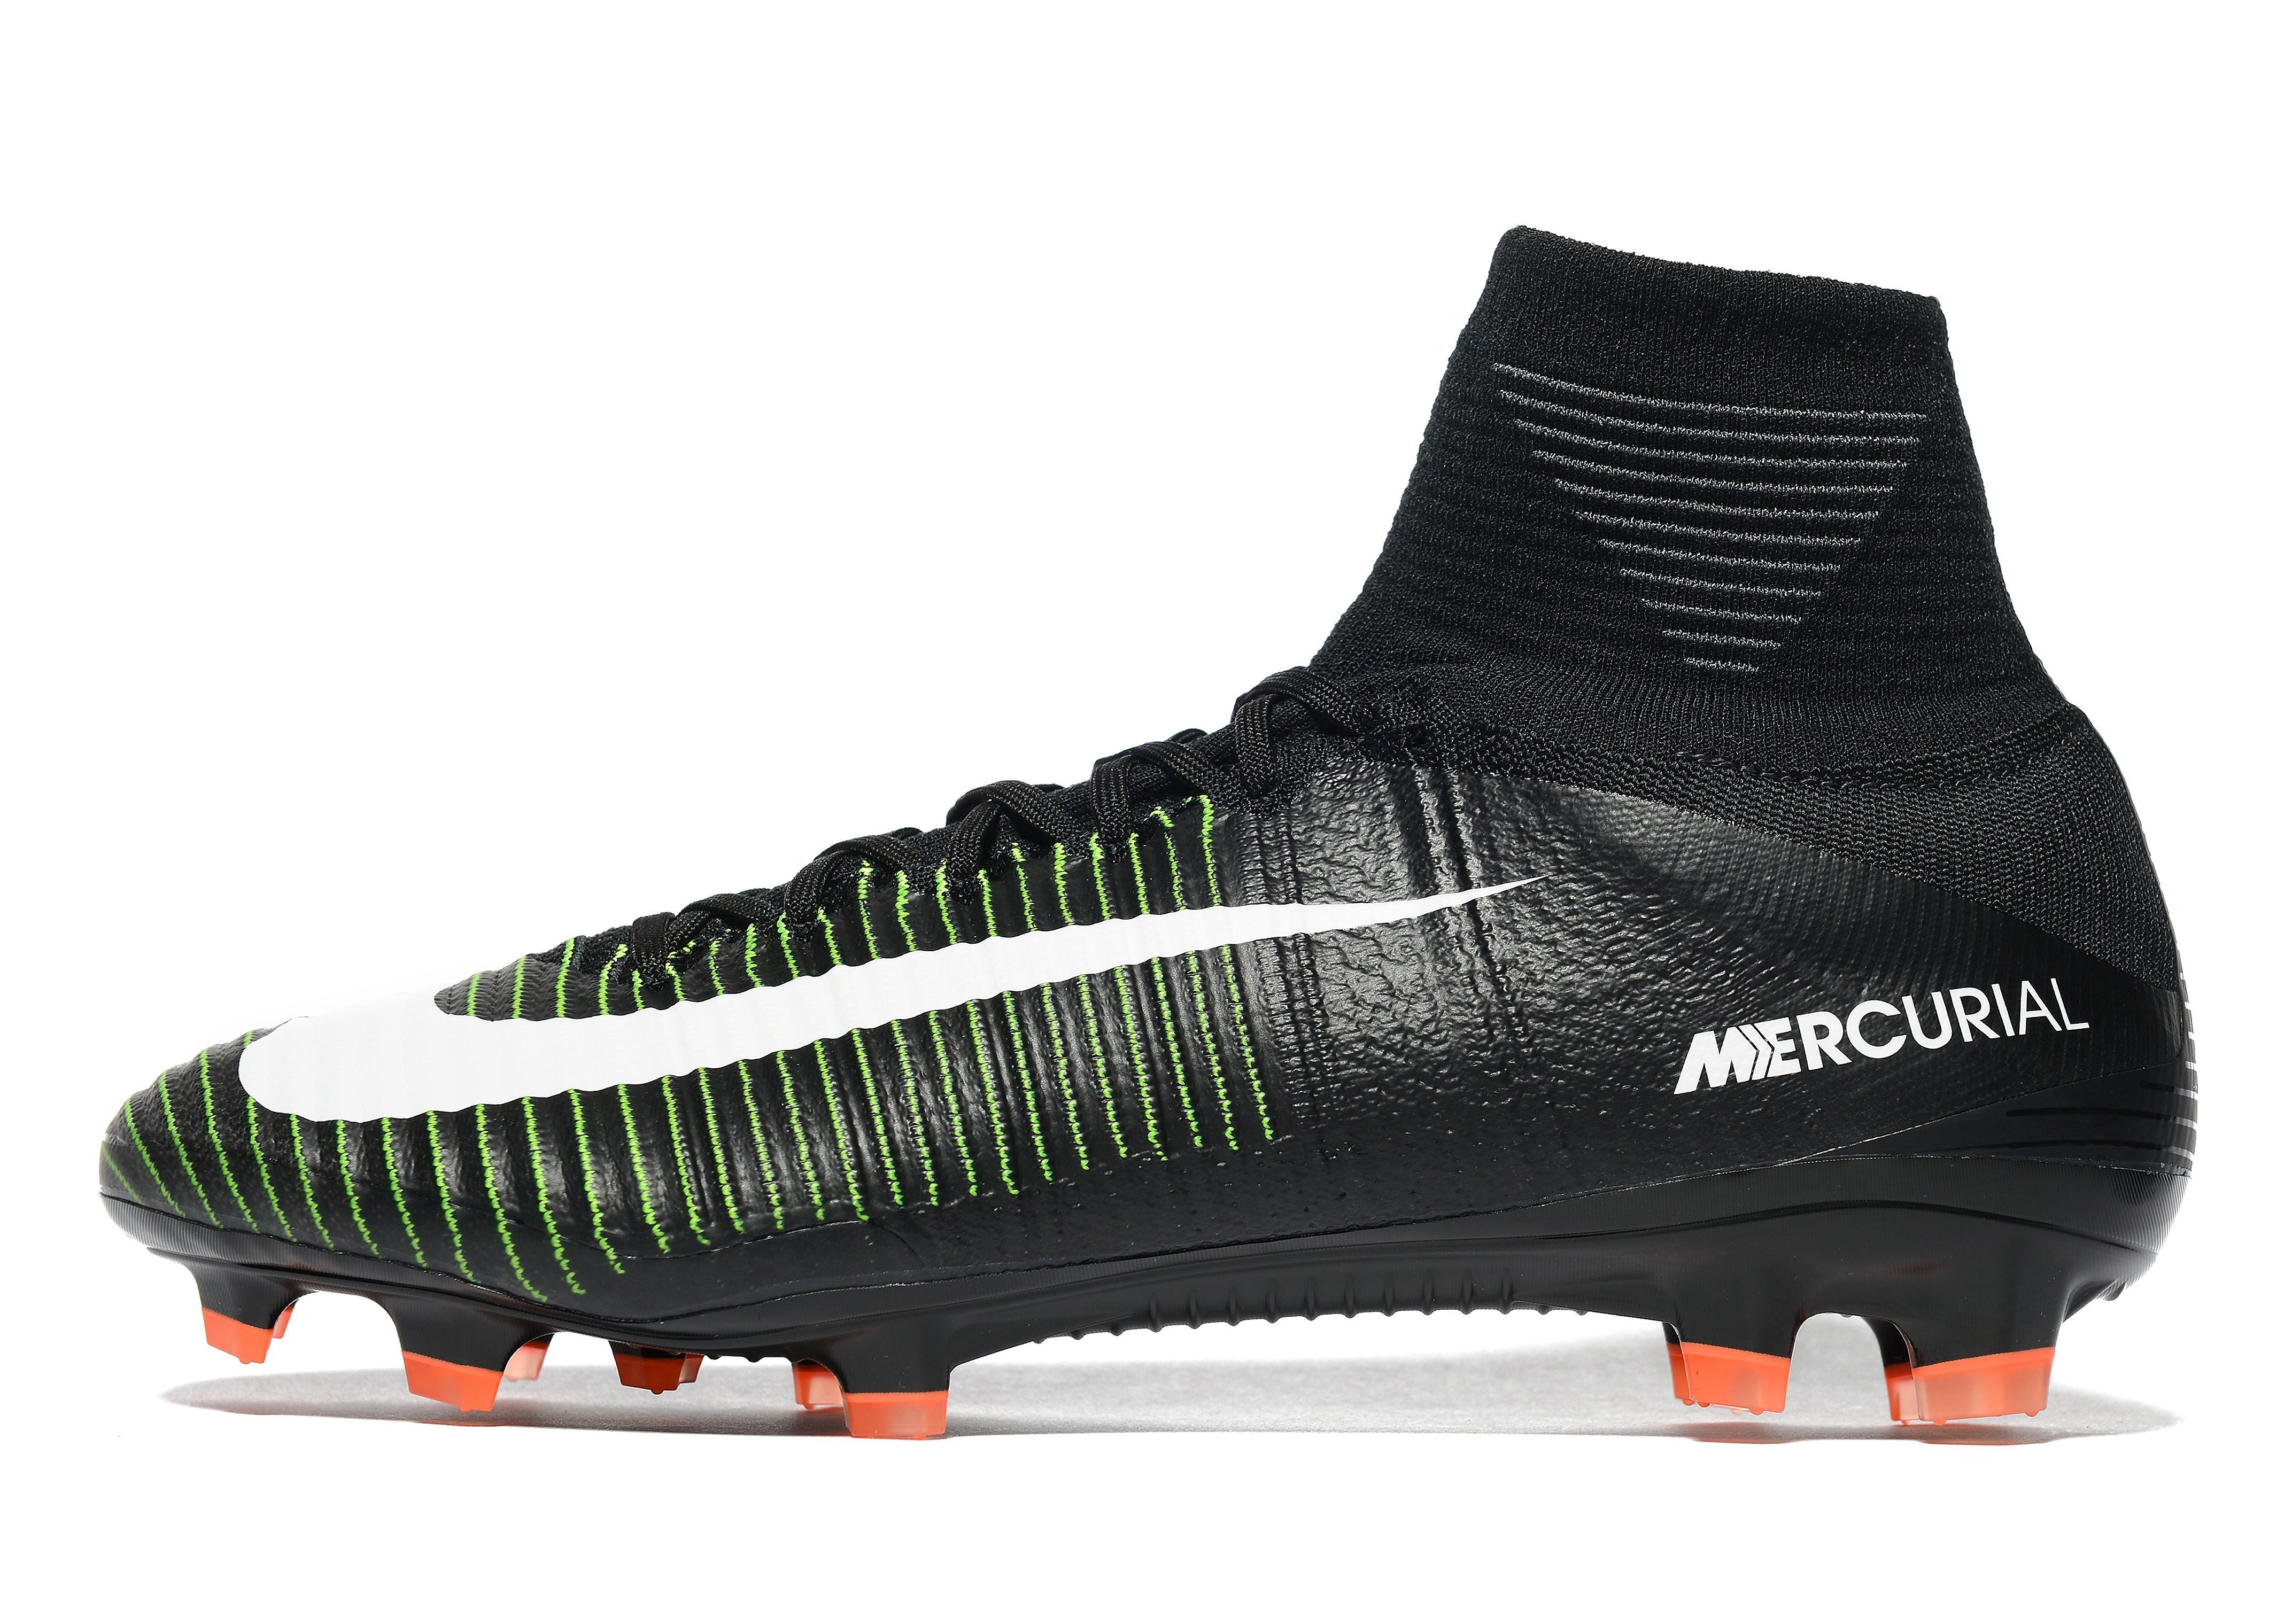 Nike Dark Lightning Mercurial Superfly FG